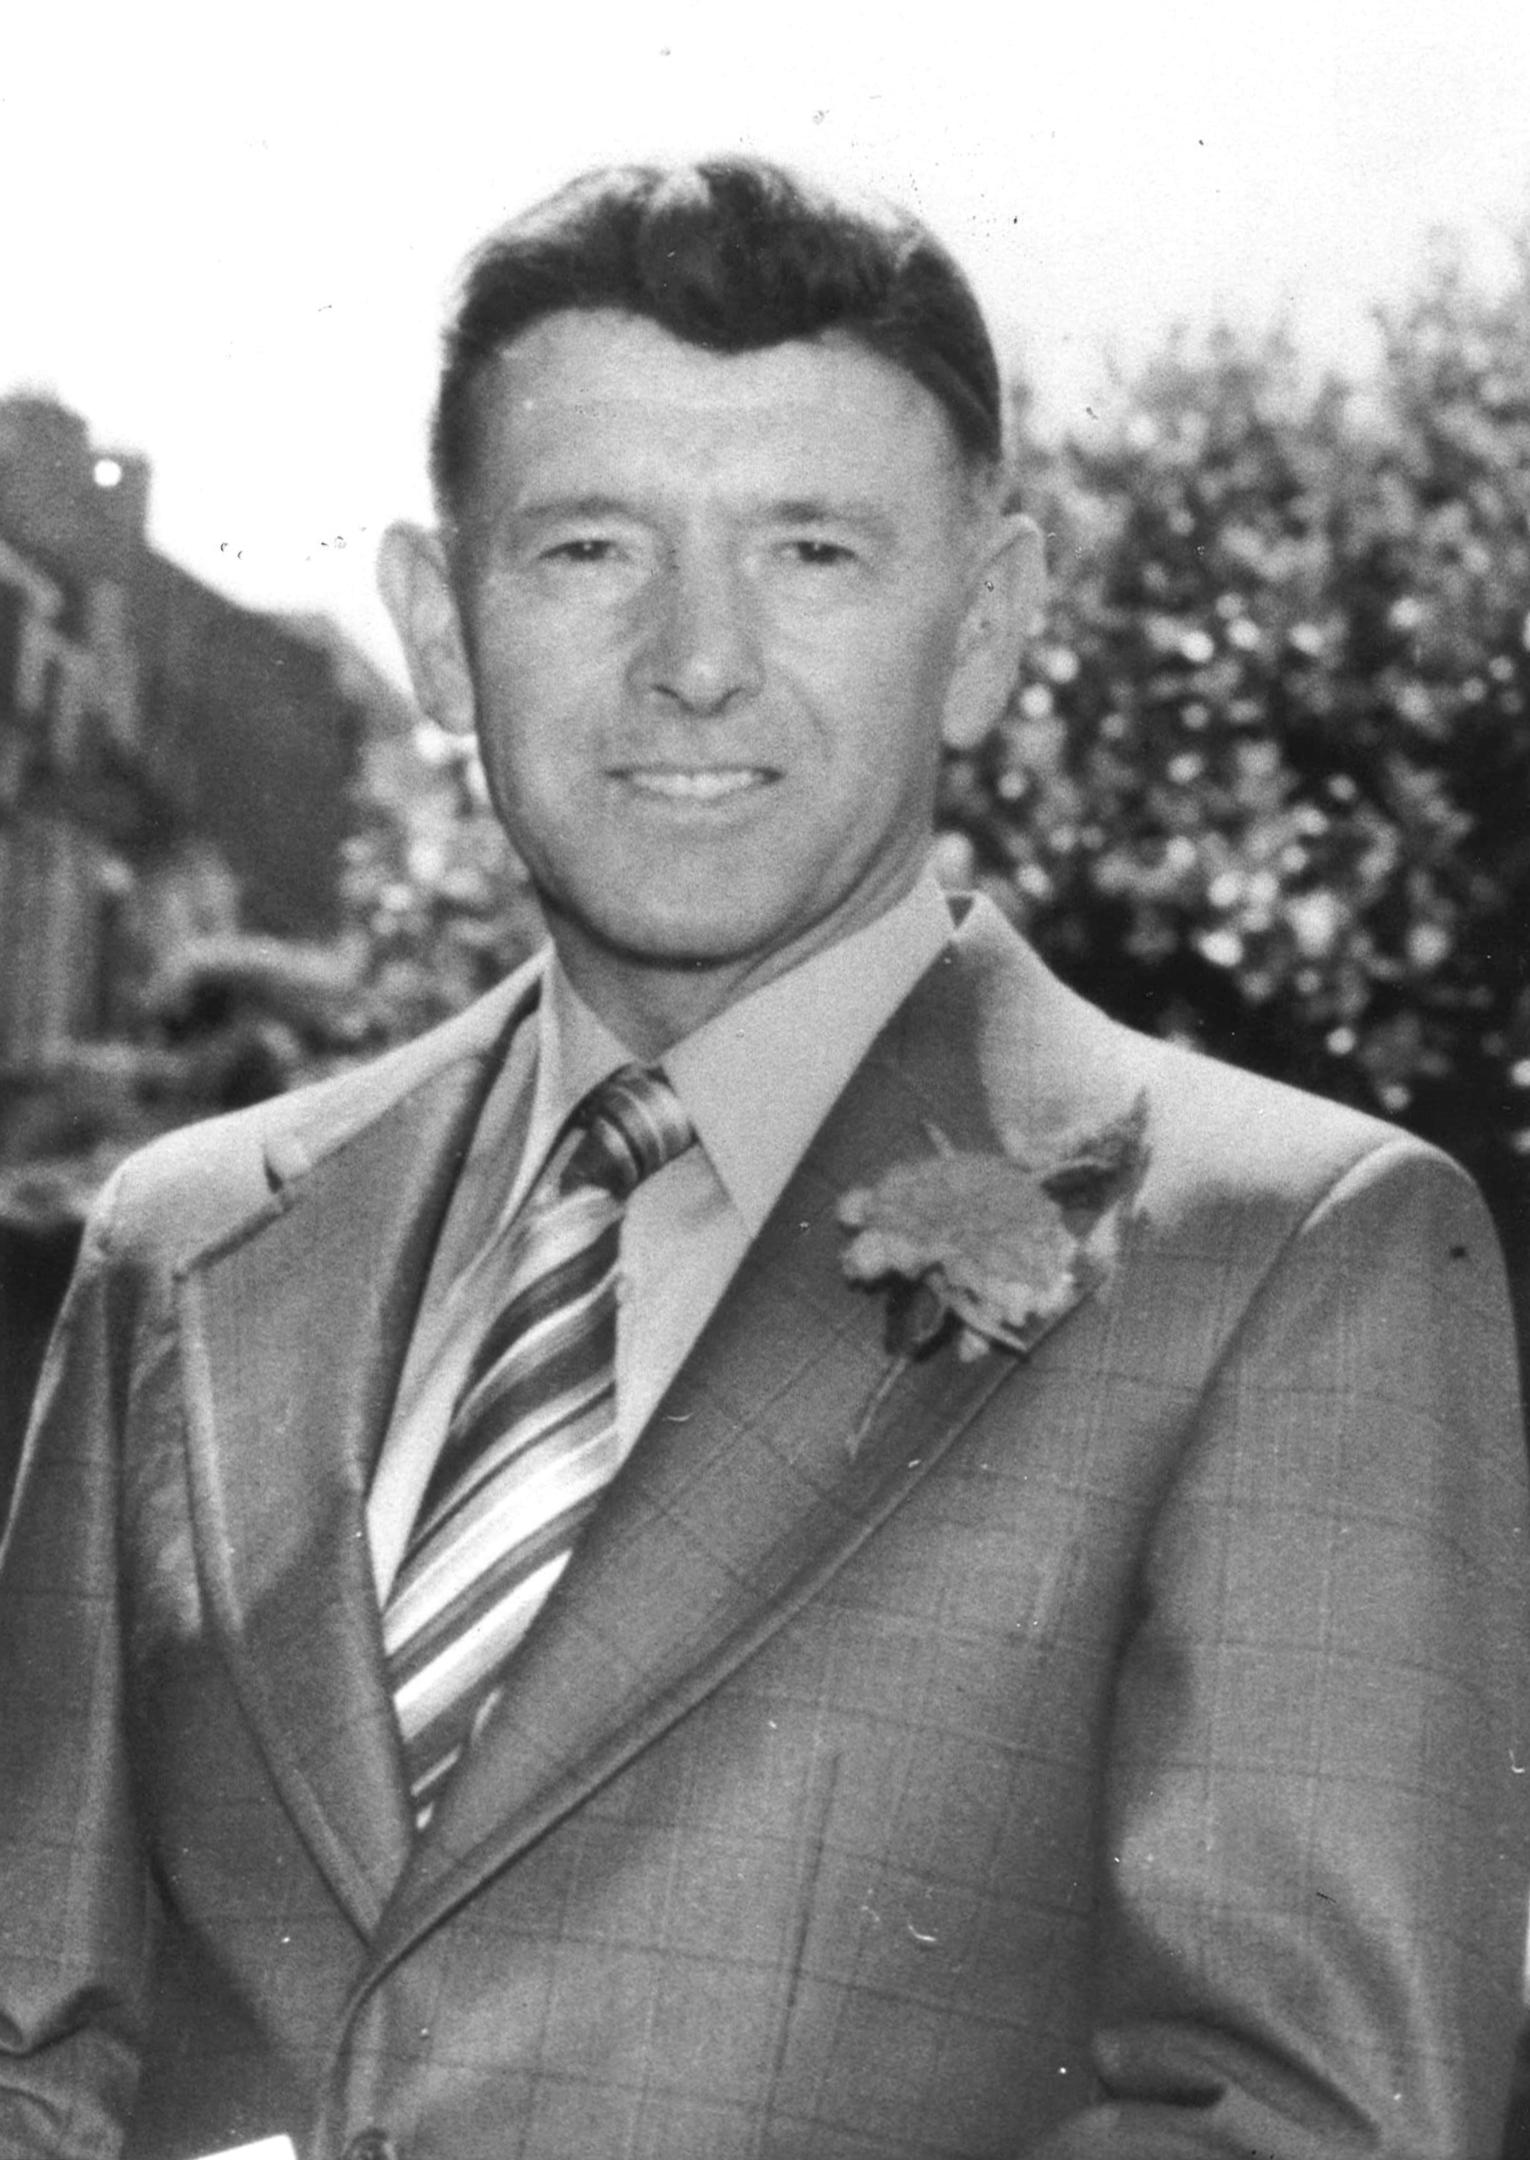 George Murdoch